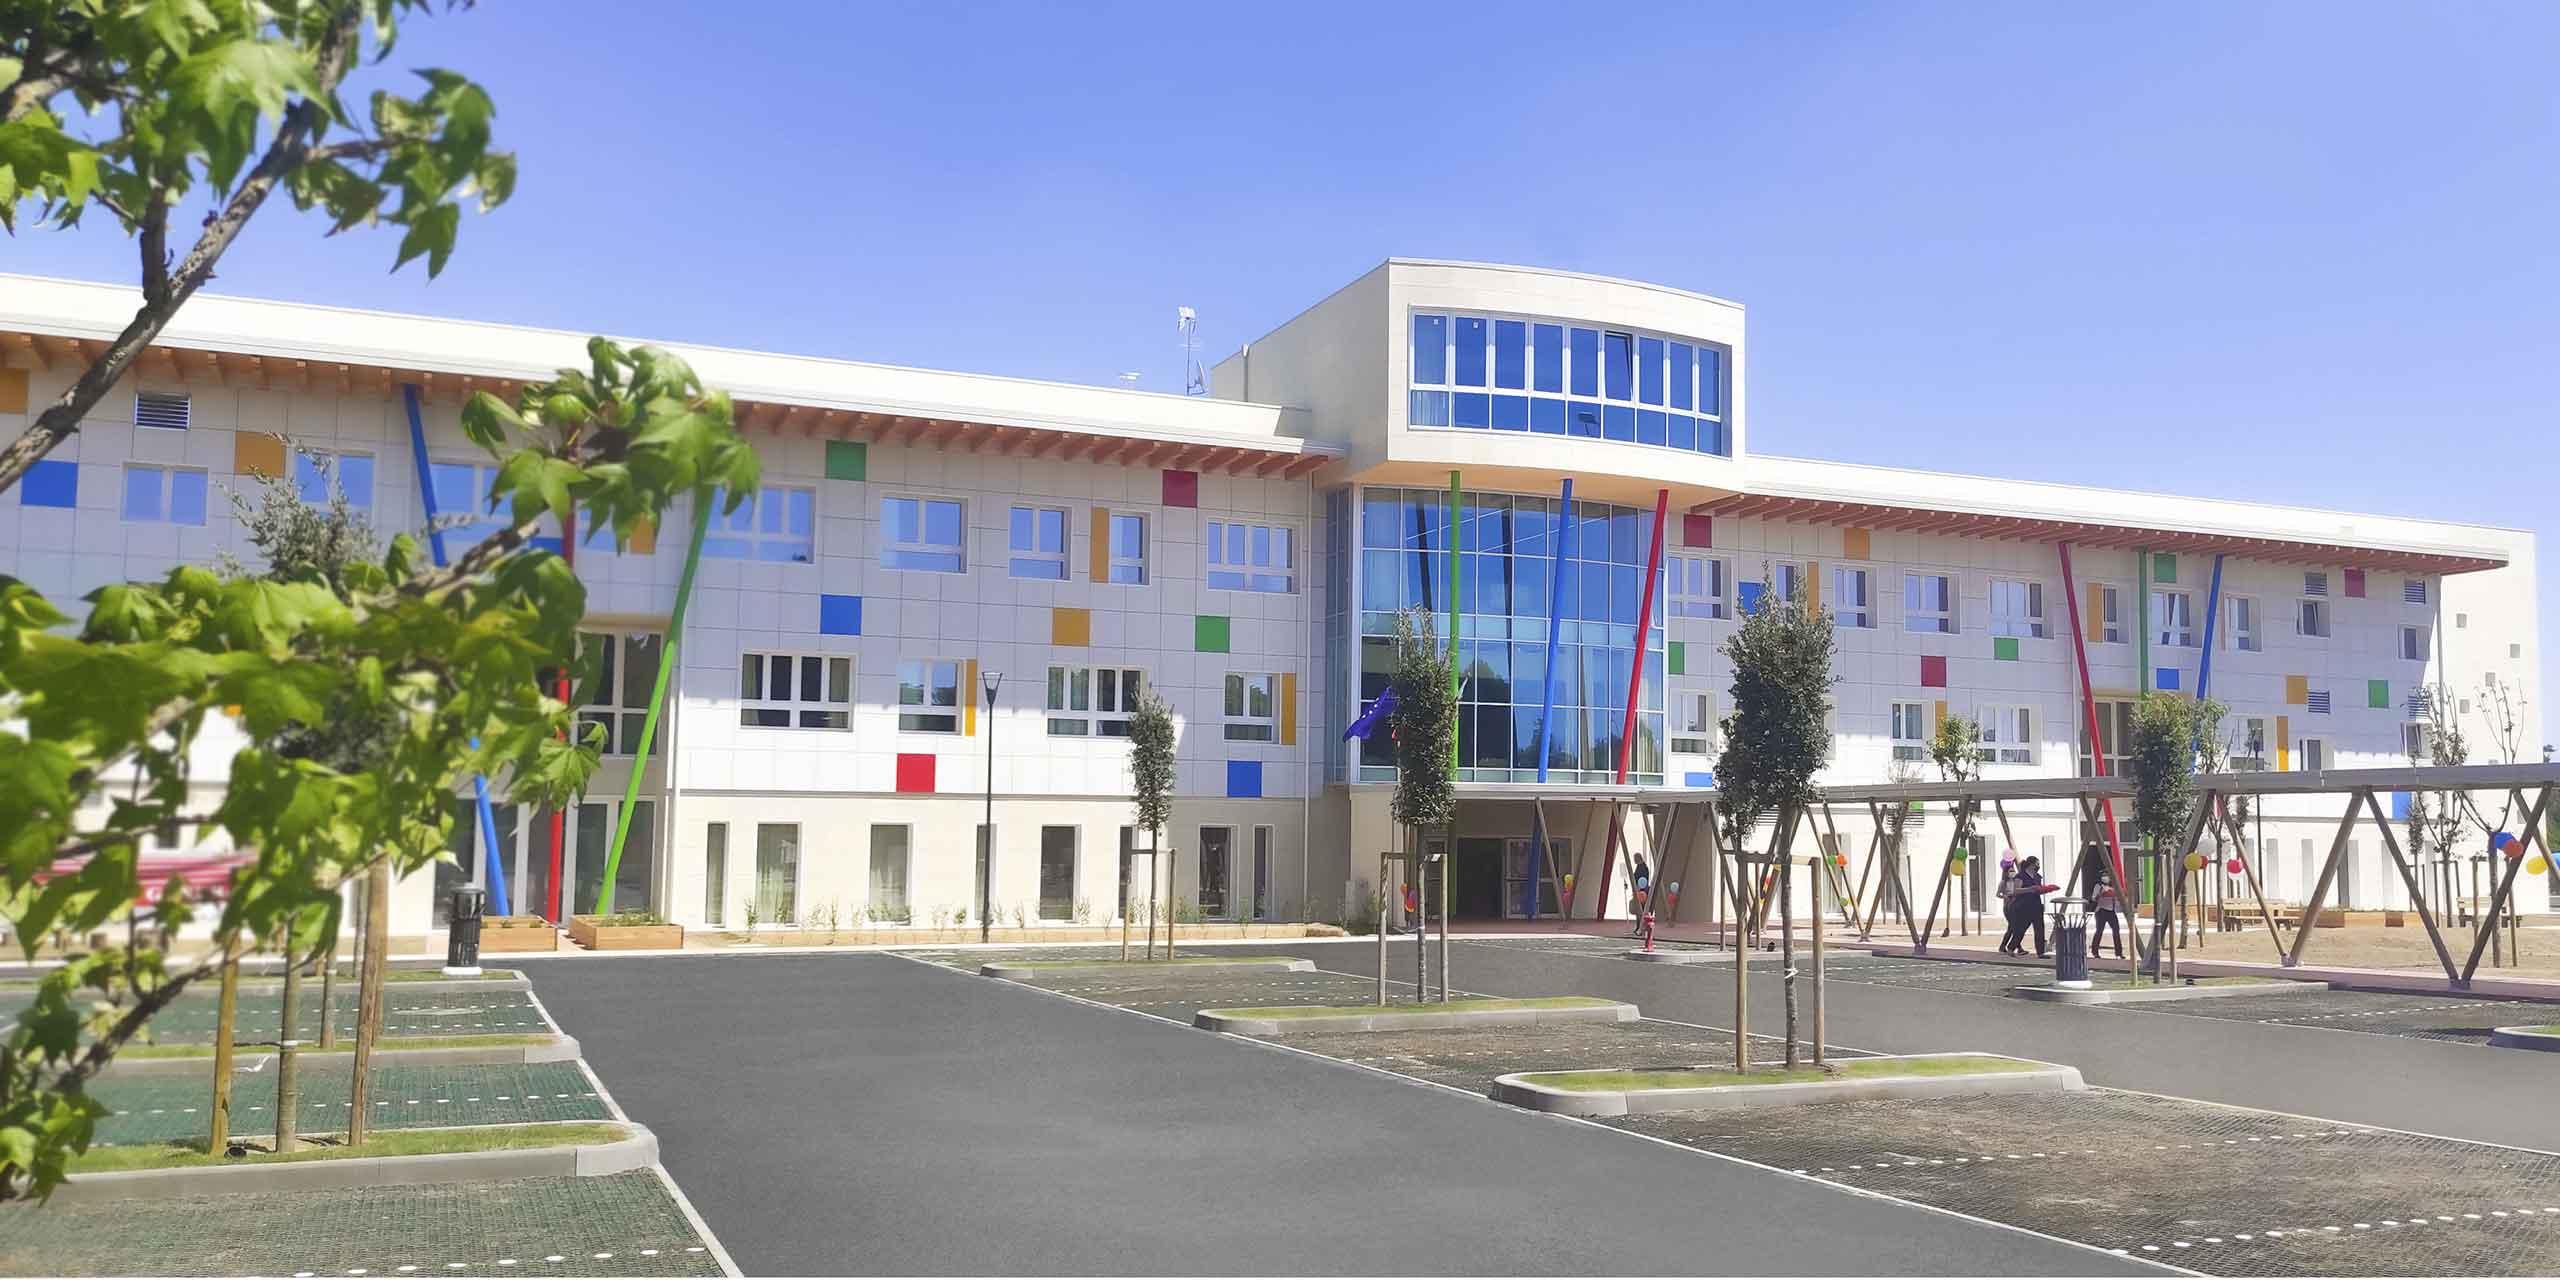 Scuola elementare Viscontini